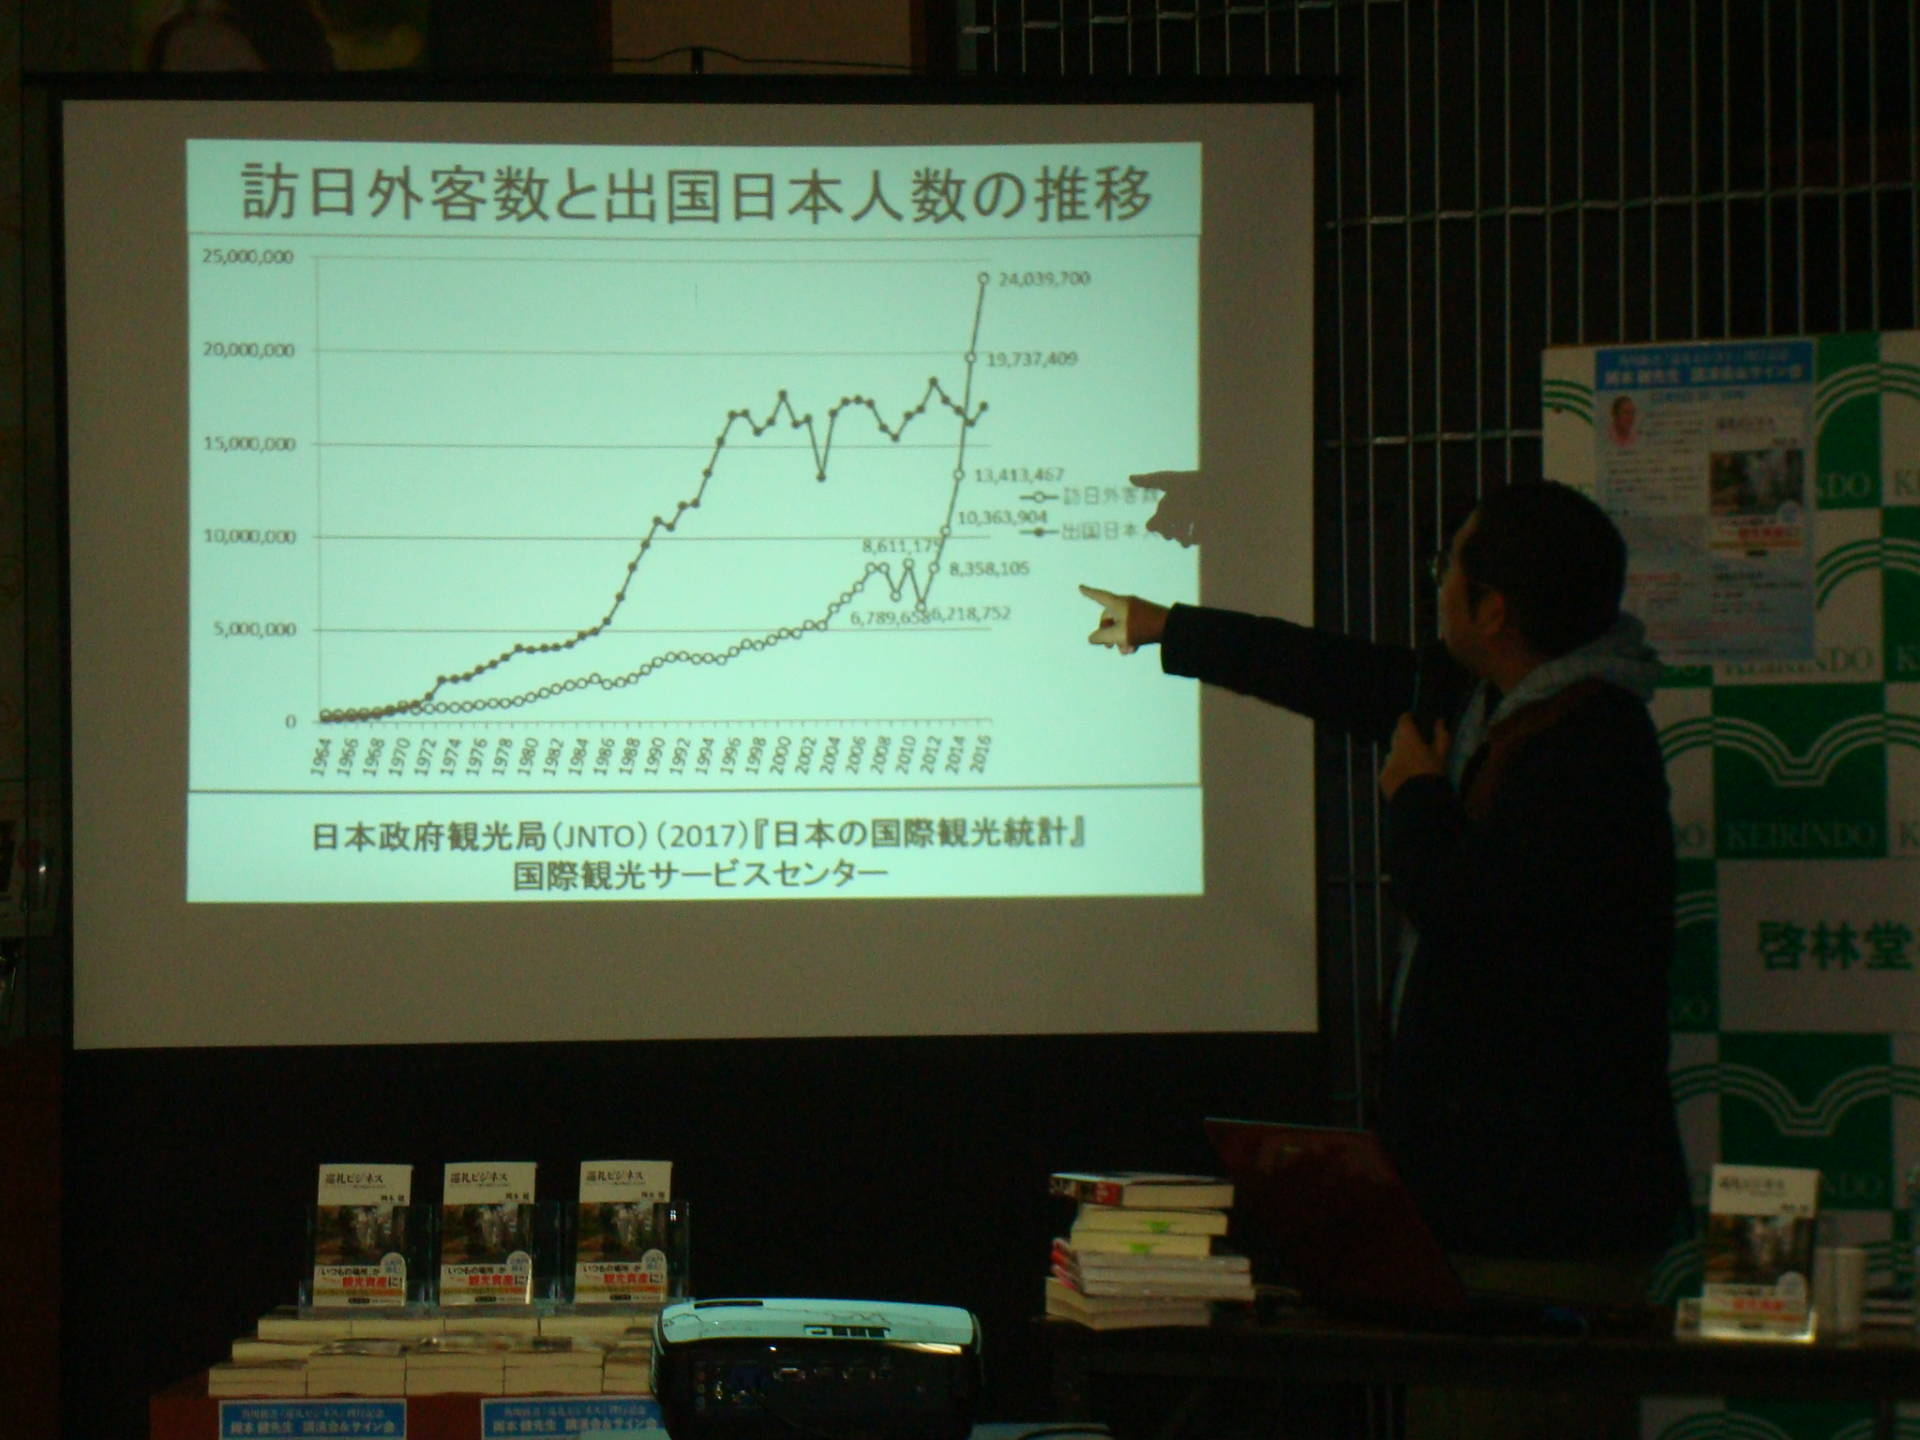 角川新書『巡礼ビジネス』刊行記念 岡本健 先生 講演会&サイン会を開催しました!